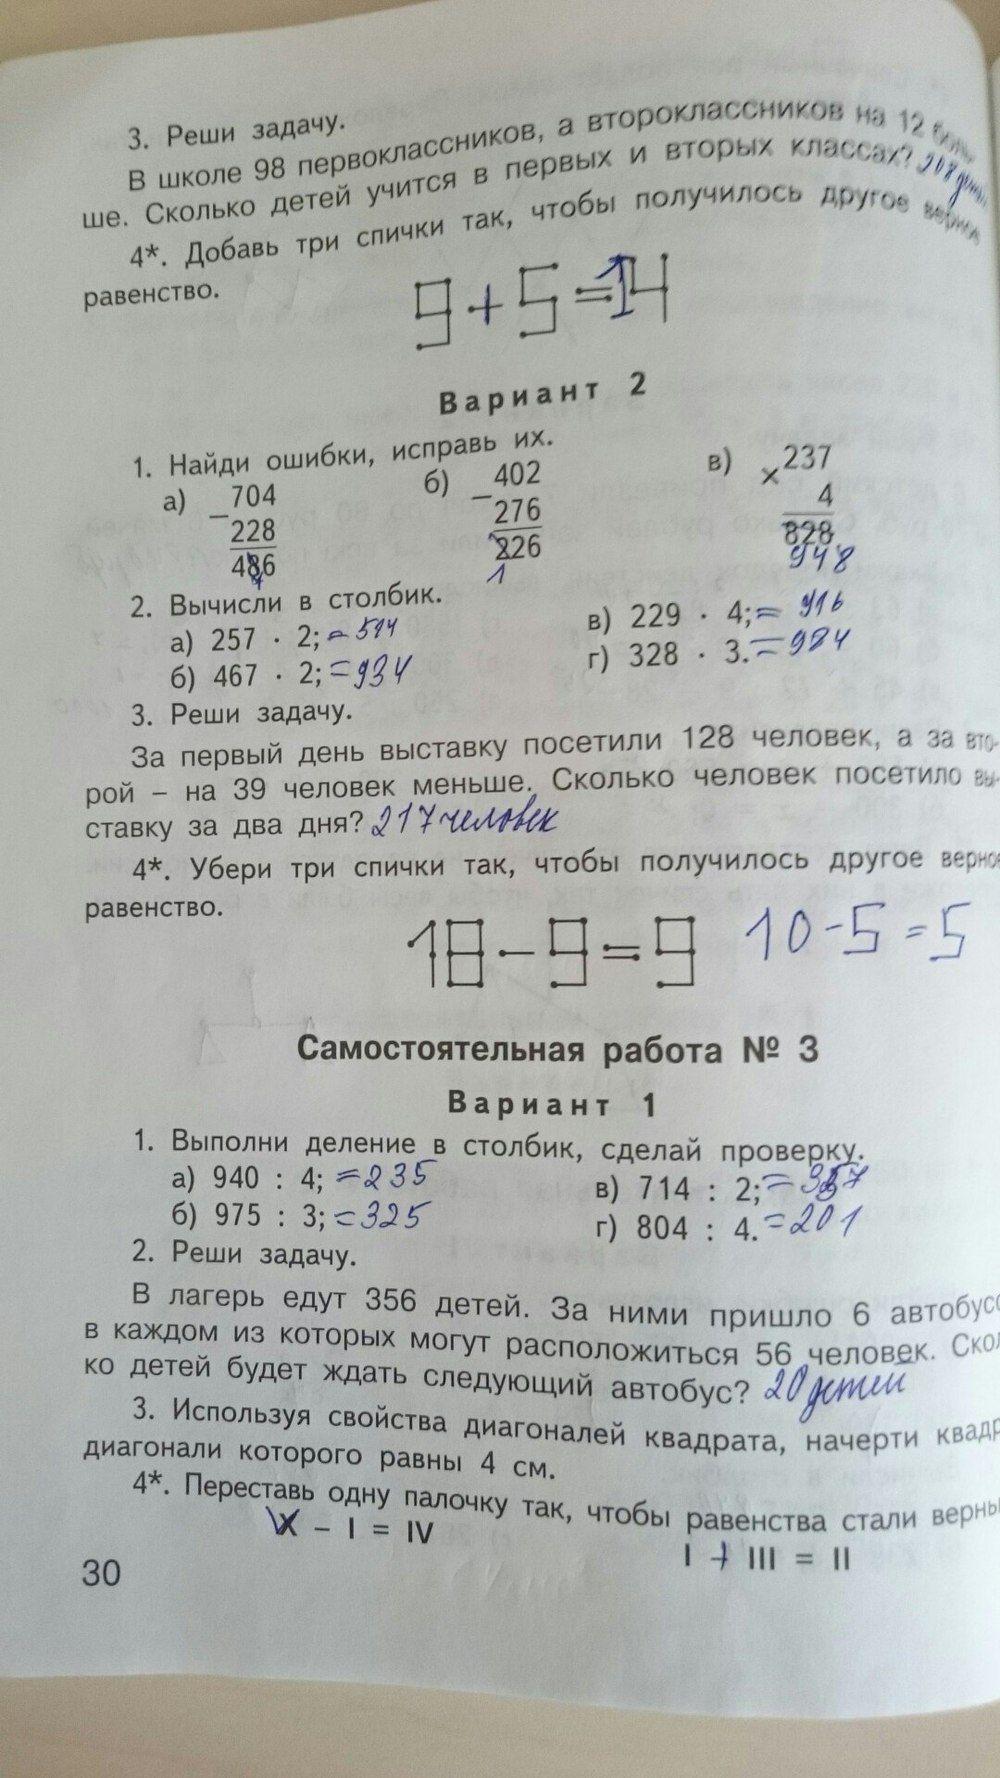 Математика горбов 3 класс упражнение 140 как решить